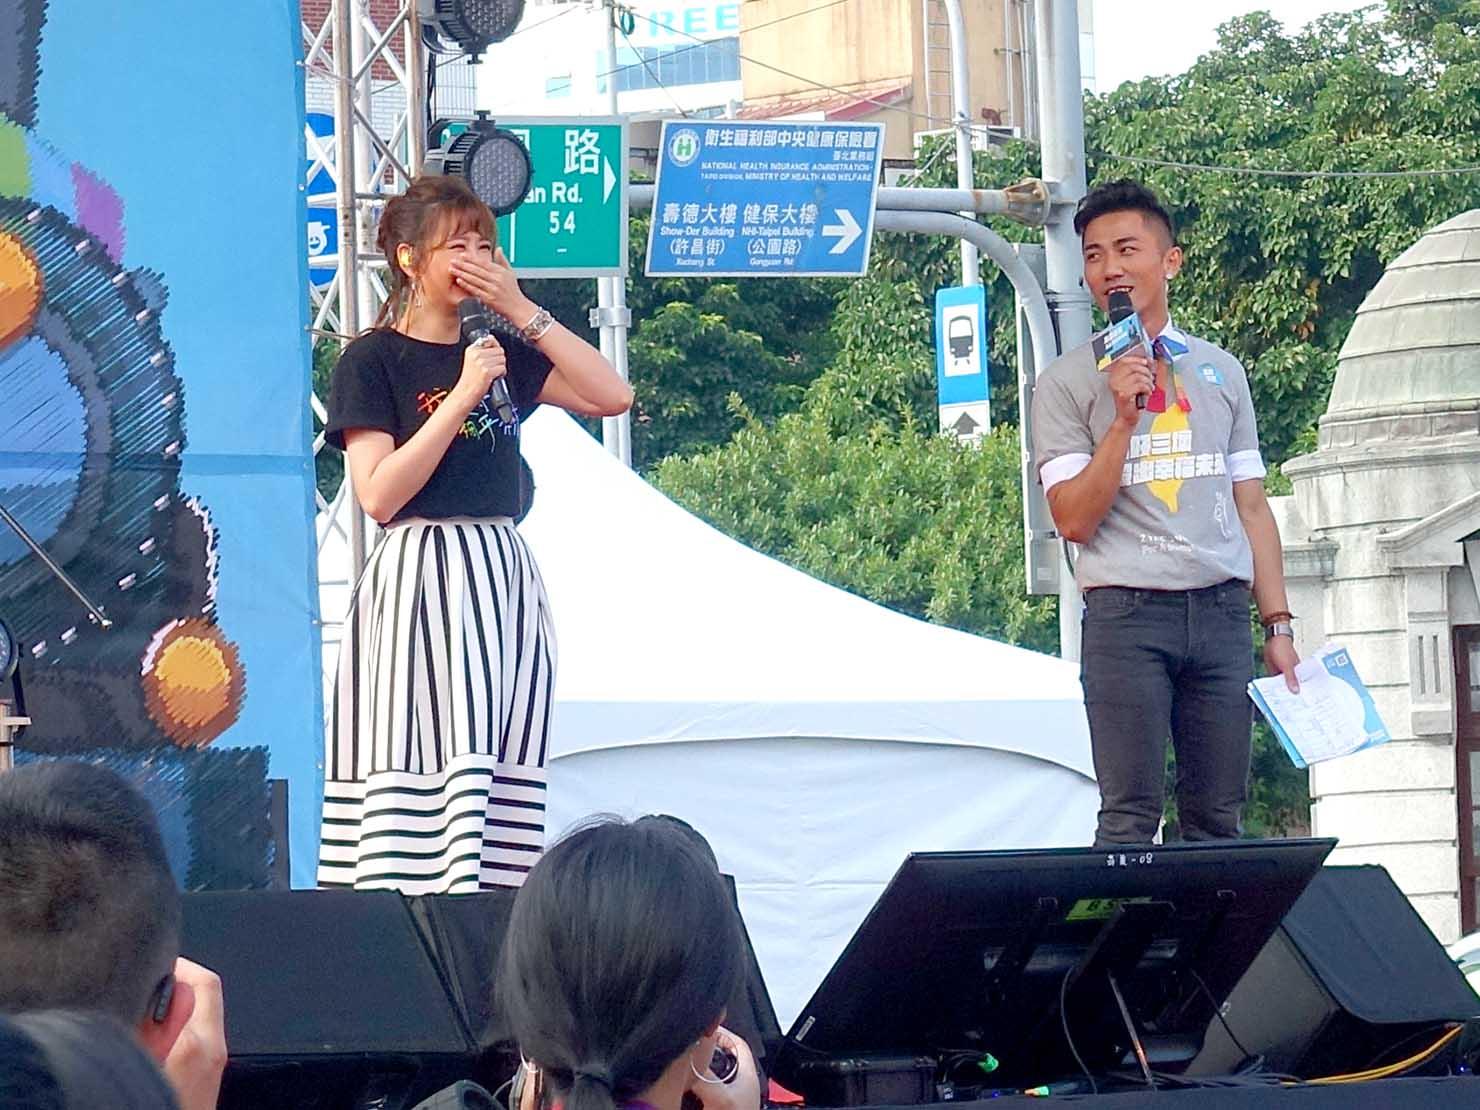 台湾のLGBT音楽イベント『為愛返家音樂會』のステージに立つアーティスト・安心亞さん